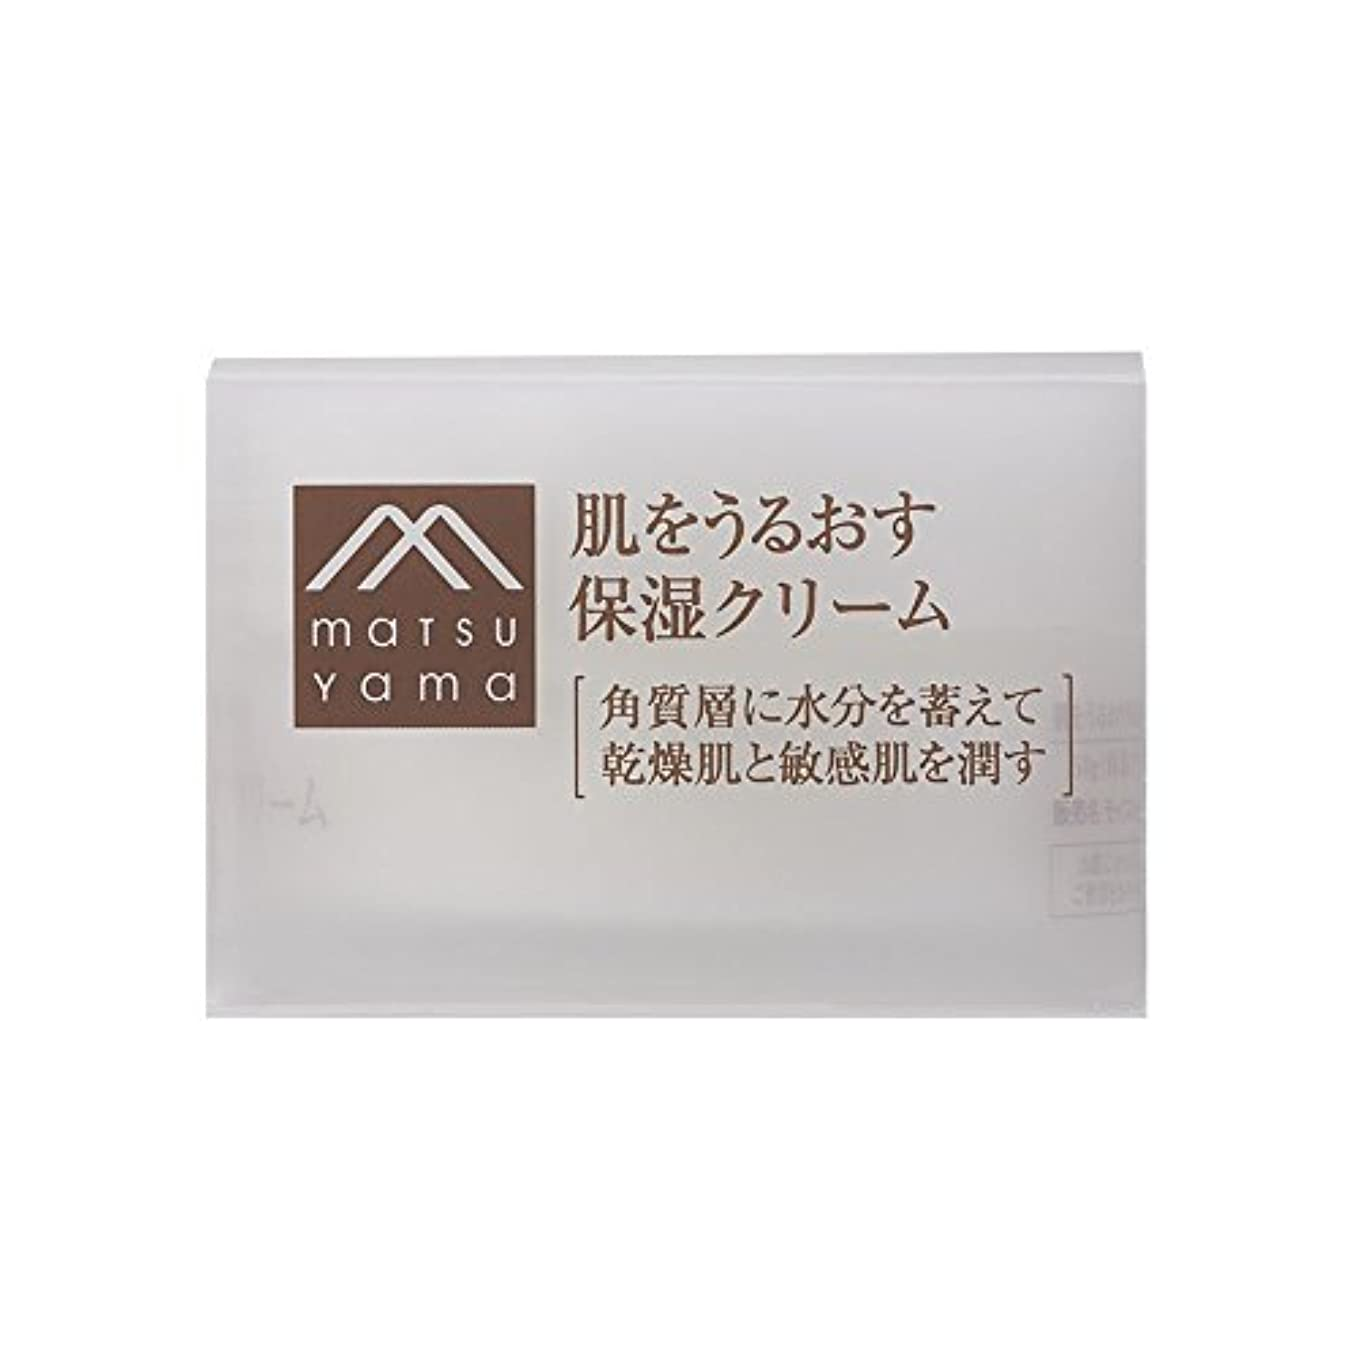 ブラスト蜂居眠りする肌をうるおす保湿クリーム(クリーム) 濃厚クリーム [乾燥肌 敏感肌]